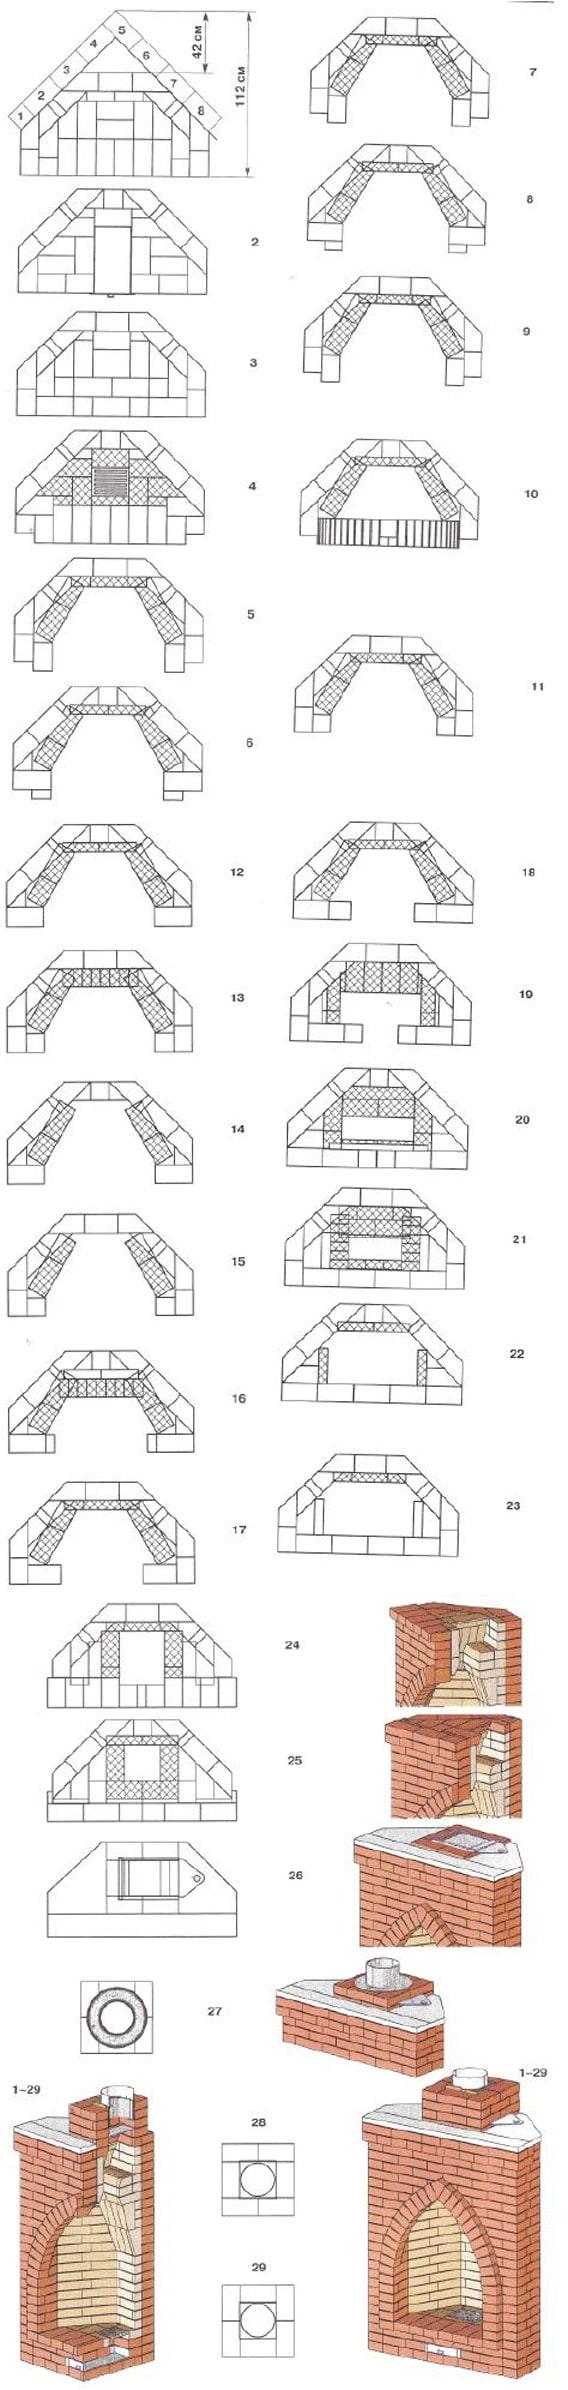 Чертеж углового камина с высокой аркой